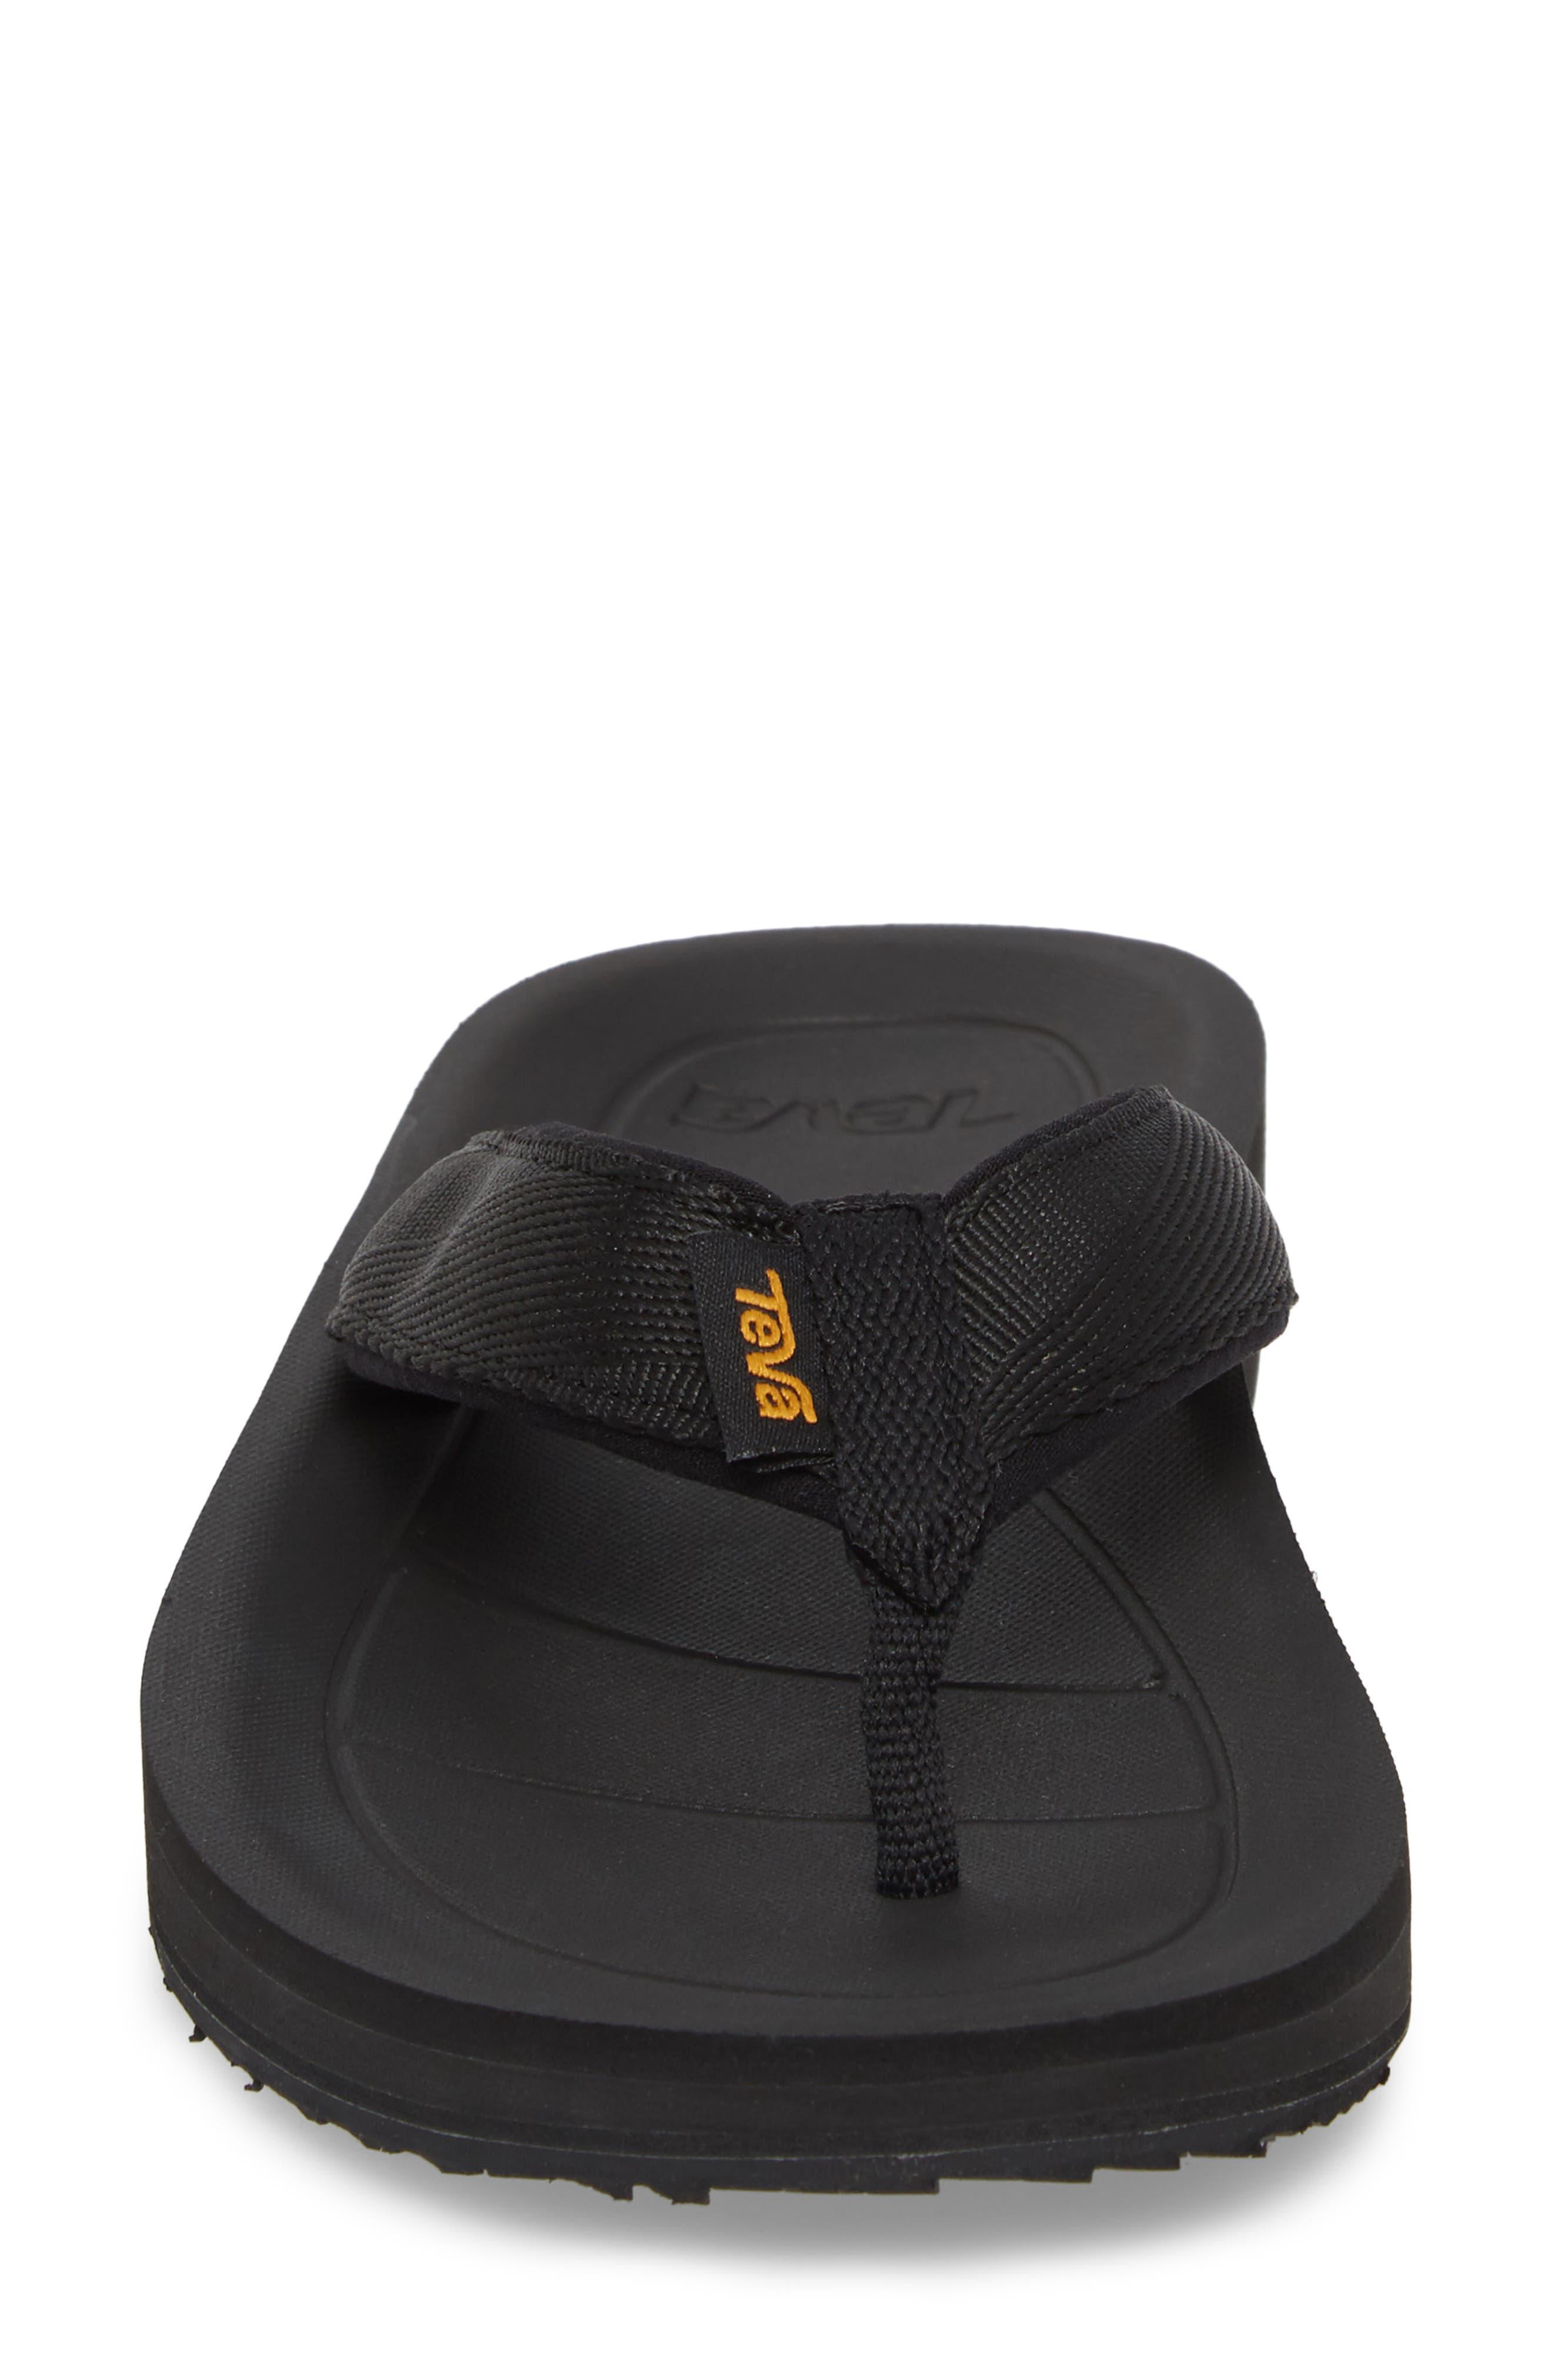 Alternate Image 4  - Teva Flip Premier Sandal (Women)